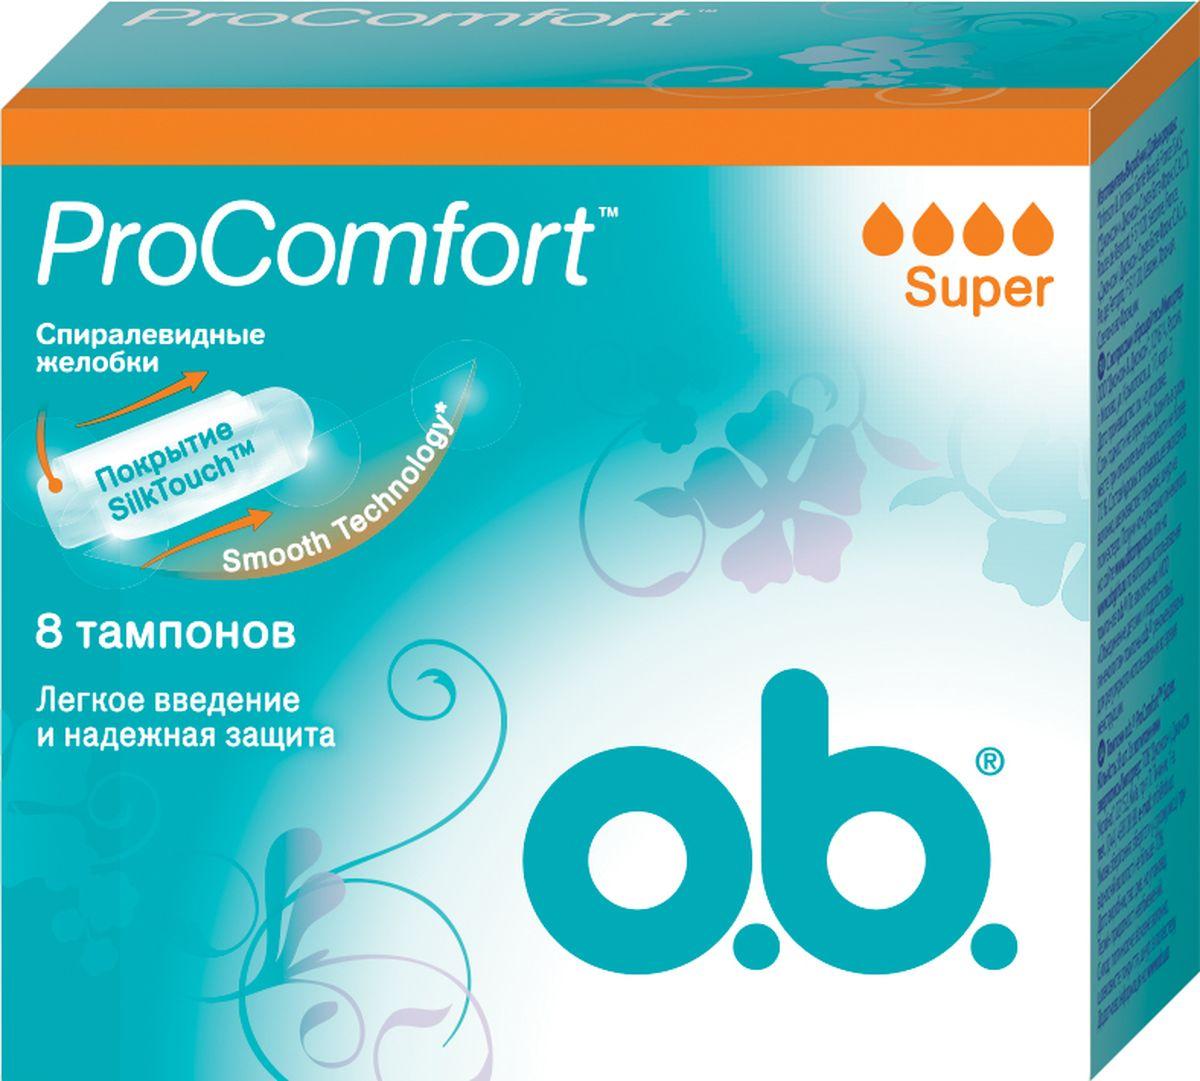 O.B. Тампоны ProComfort Super, 8 шт38539Тампоны O.B. ProComfort Super с уникальным шелковистым покрытием SilkTouch предназначены для надежной защиты и большего комфорта. Тампоны обеспечивают легкое введение и извлечение благодаря уникальному покрытию SilkTouch;Технология спиралевидных желобков FluidLock для более эффективного направления жидкости внутрь тампона;Новая технология Smooth Technology для еще более гладкой поверхности тампона. Подходят для средних или интенсивных выделений.Товар сертифицирован.